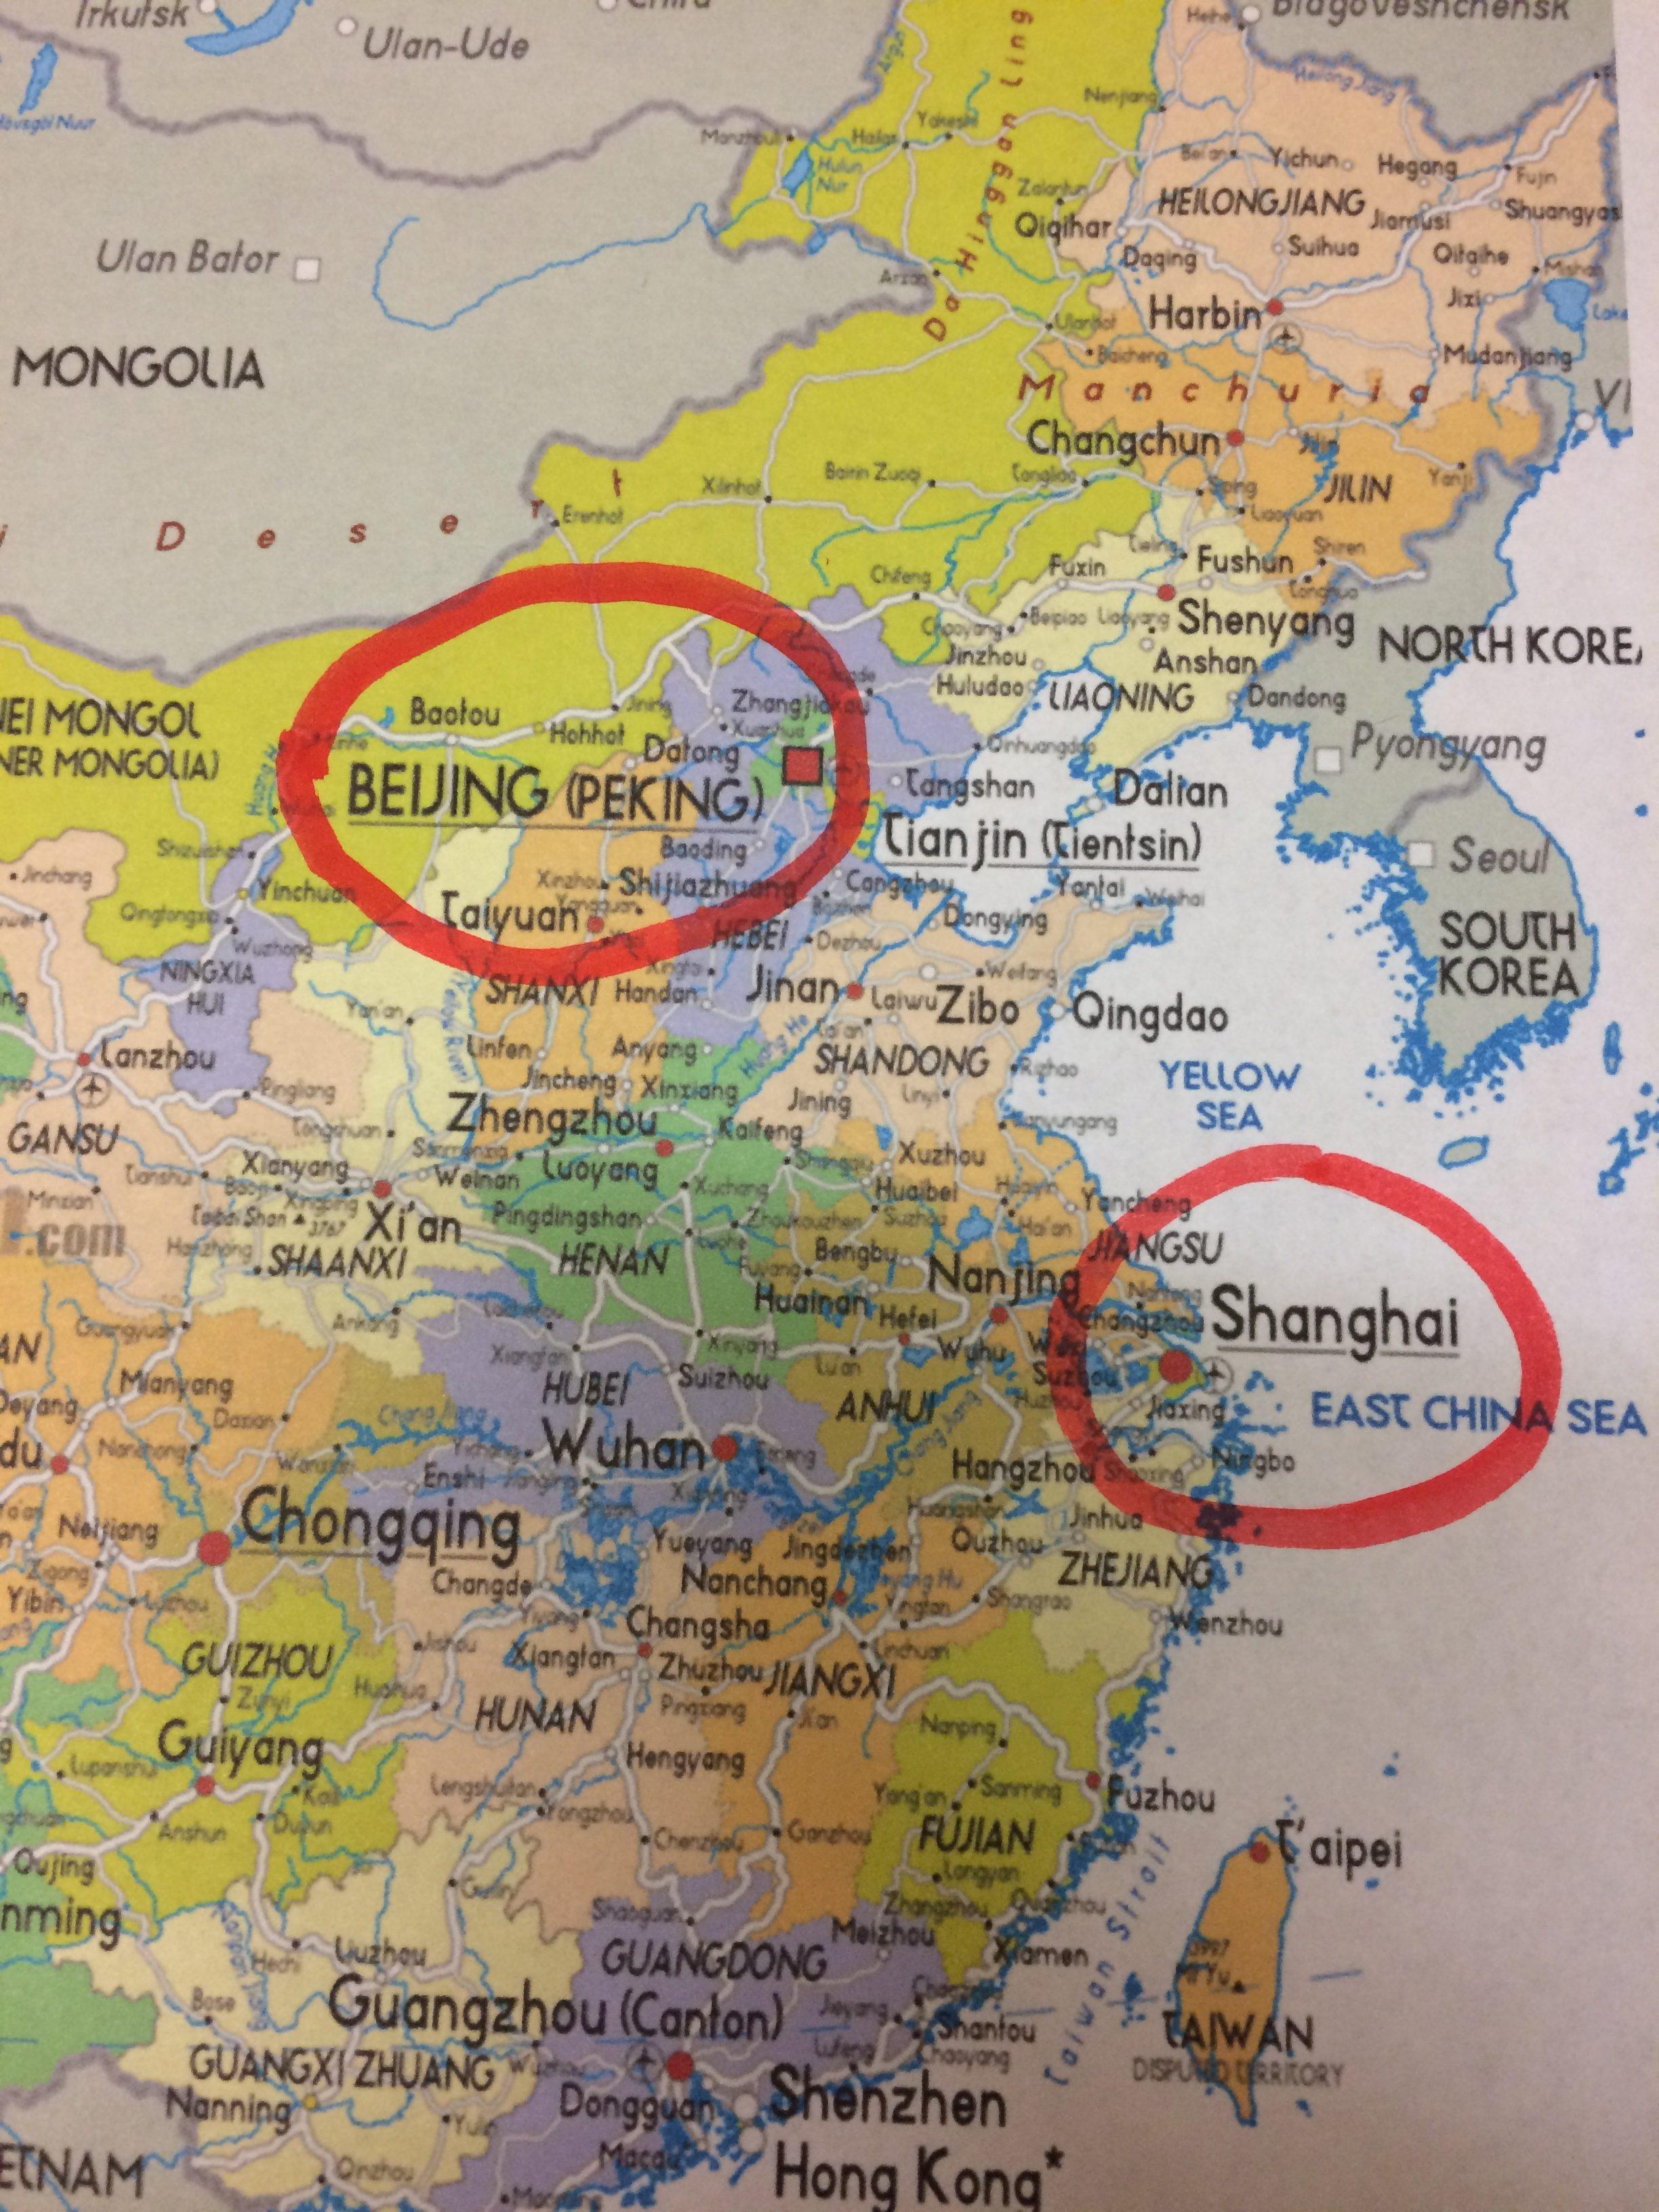 Beijing or Shanghai?